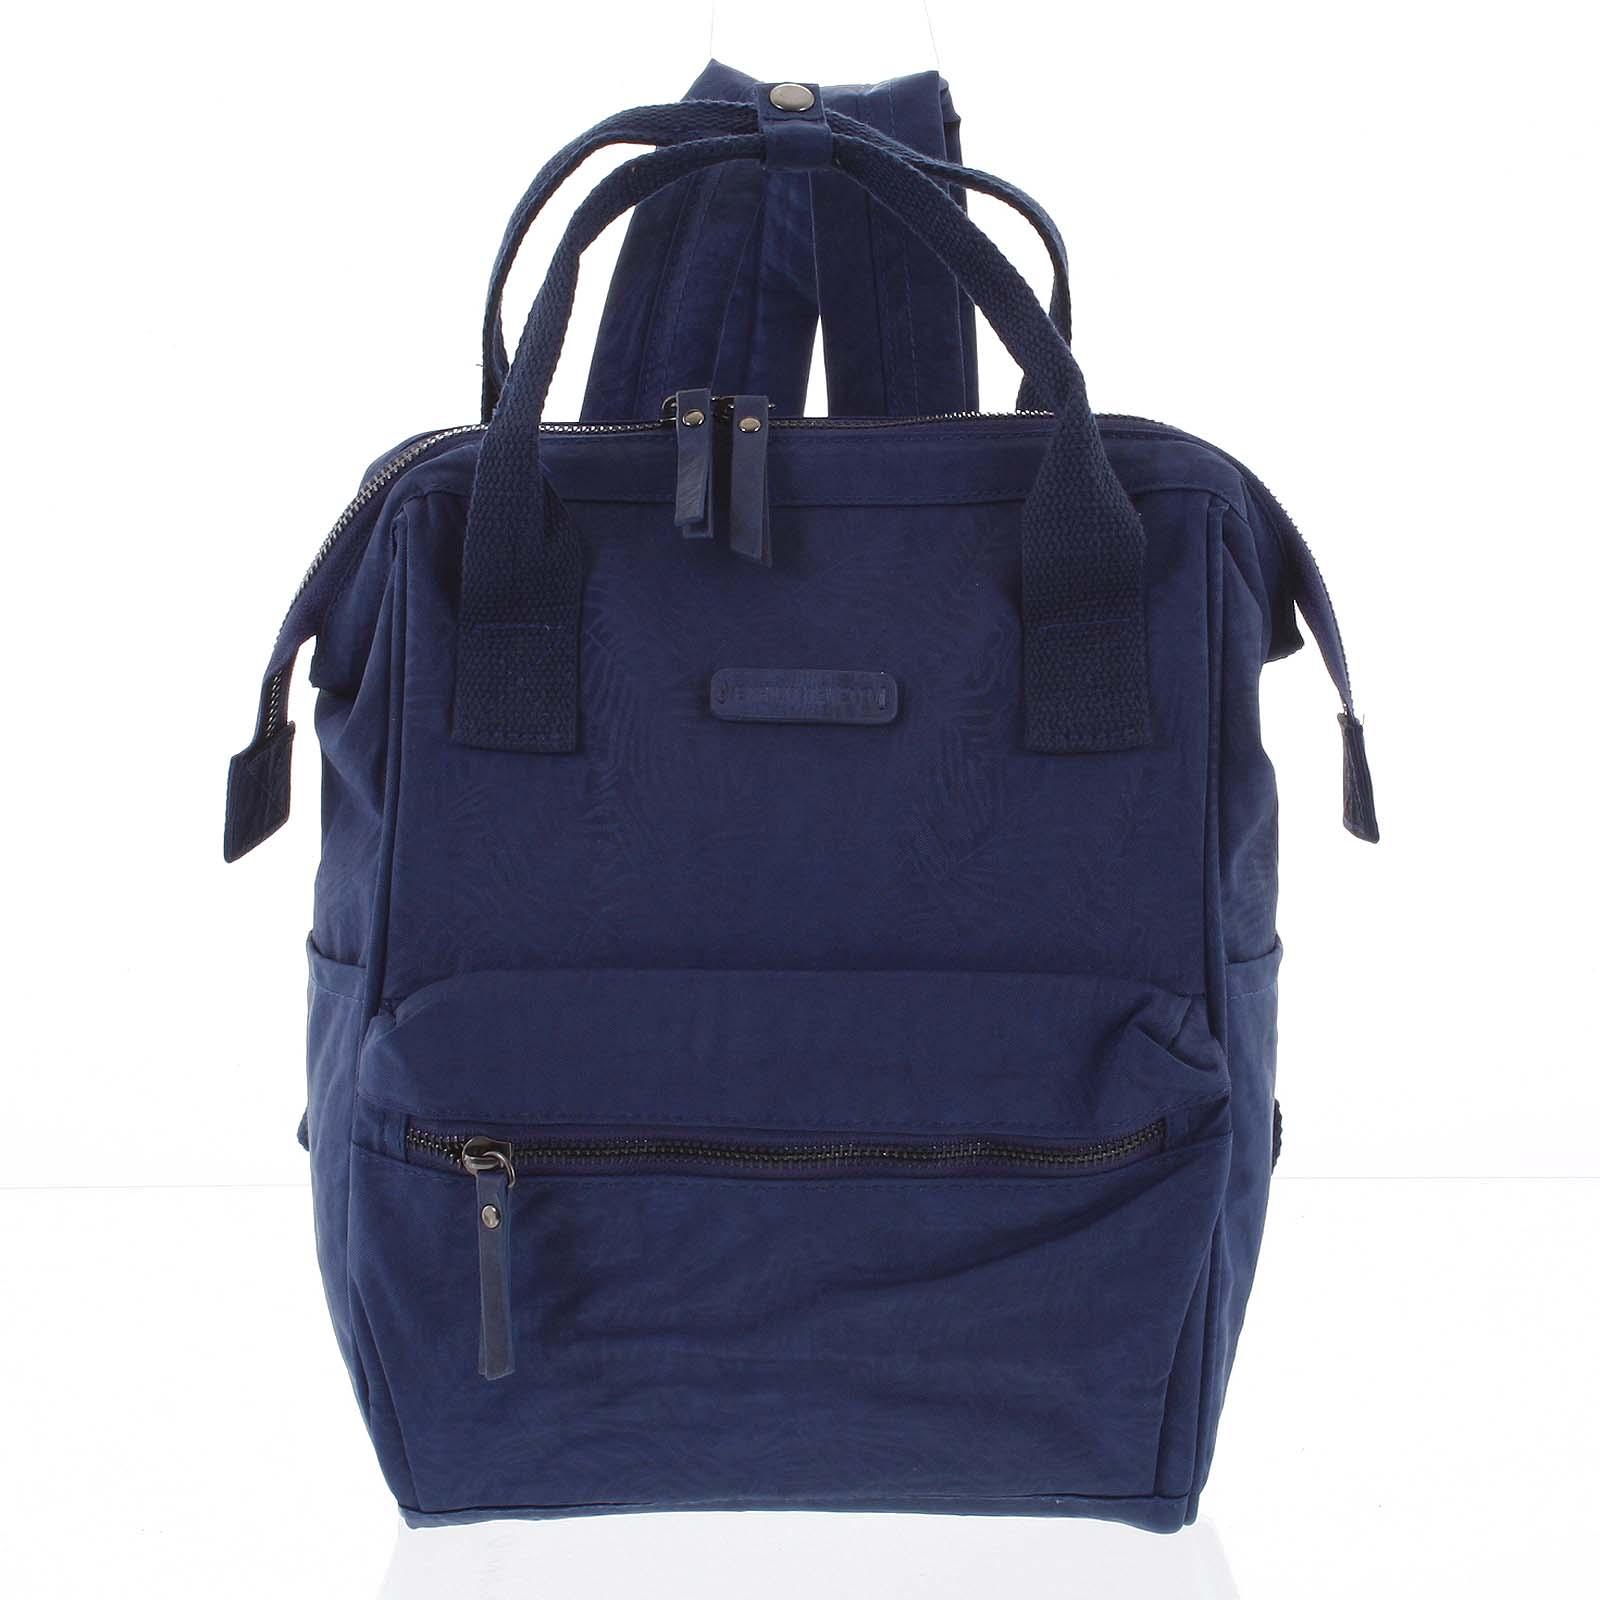 Štýlový dámsky batôžtek modrý - Enrico Benetti Gatam